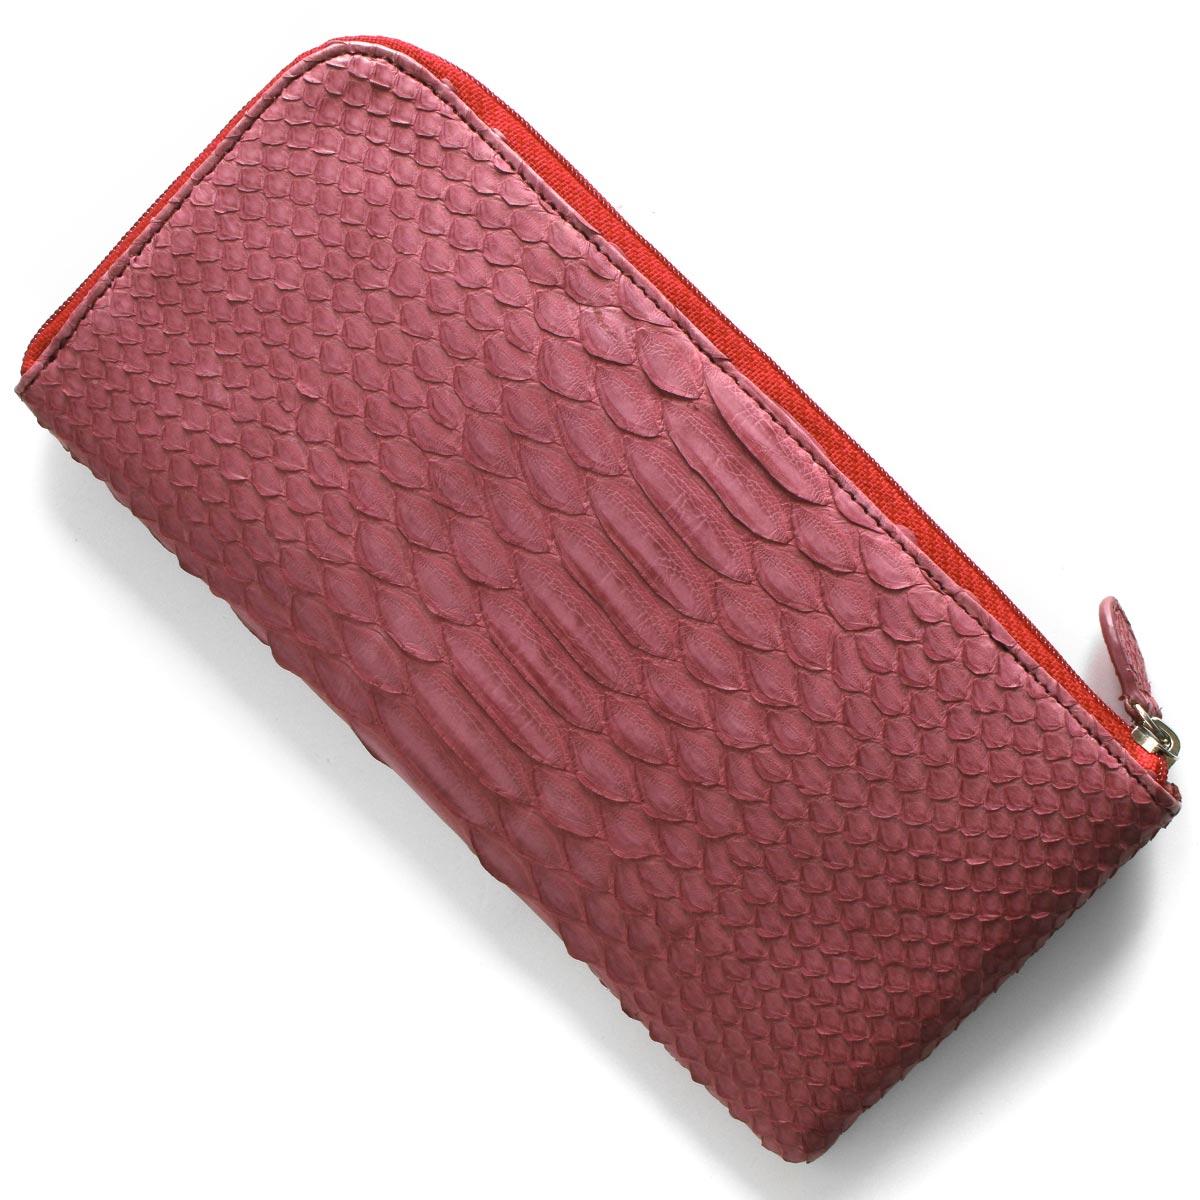 本革 長財布 財布 レディース パイソン ワインレッド OKU7165 WE Leather